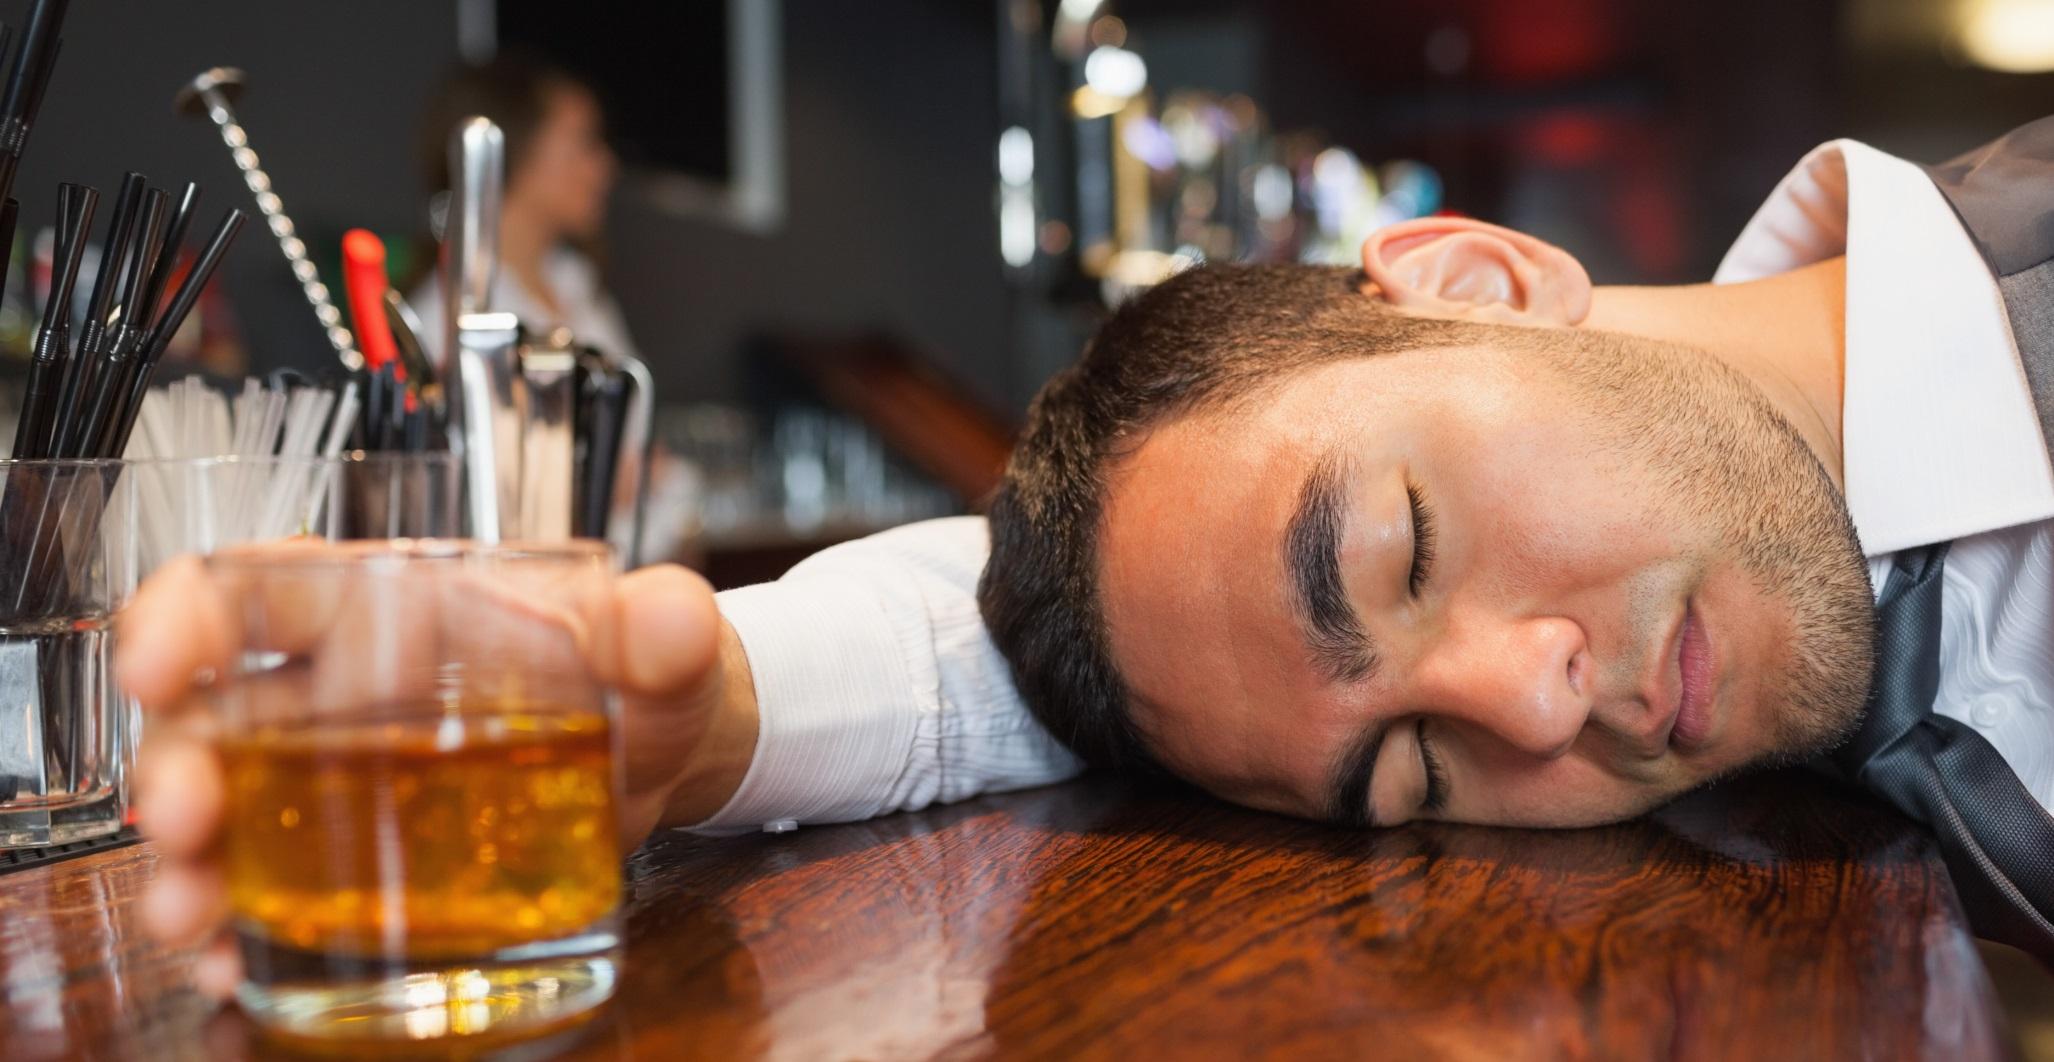 Một số loại đồ ăn nên ăn trước khi uống bia rượu để không bị say xỉn